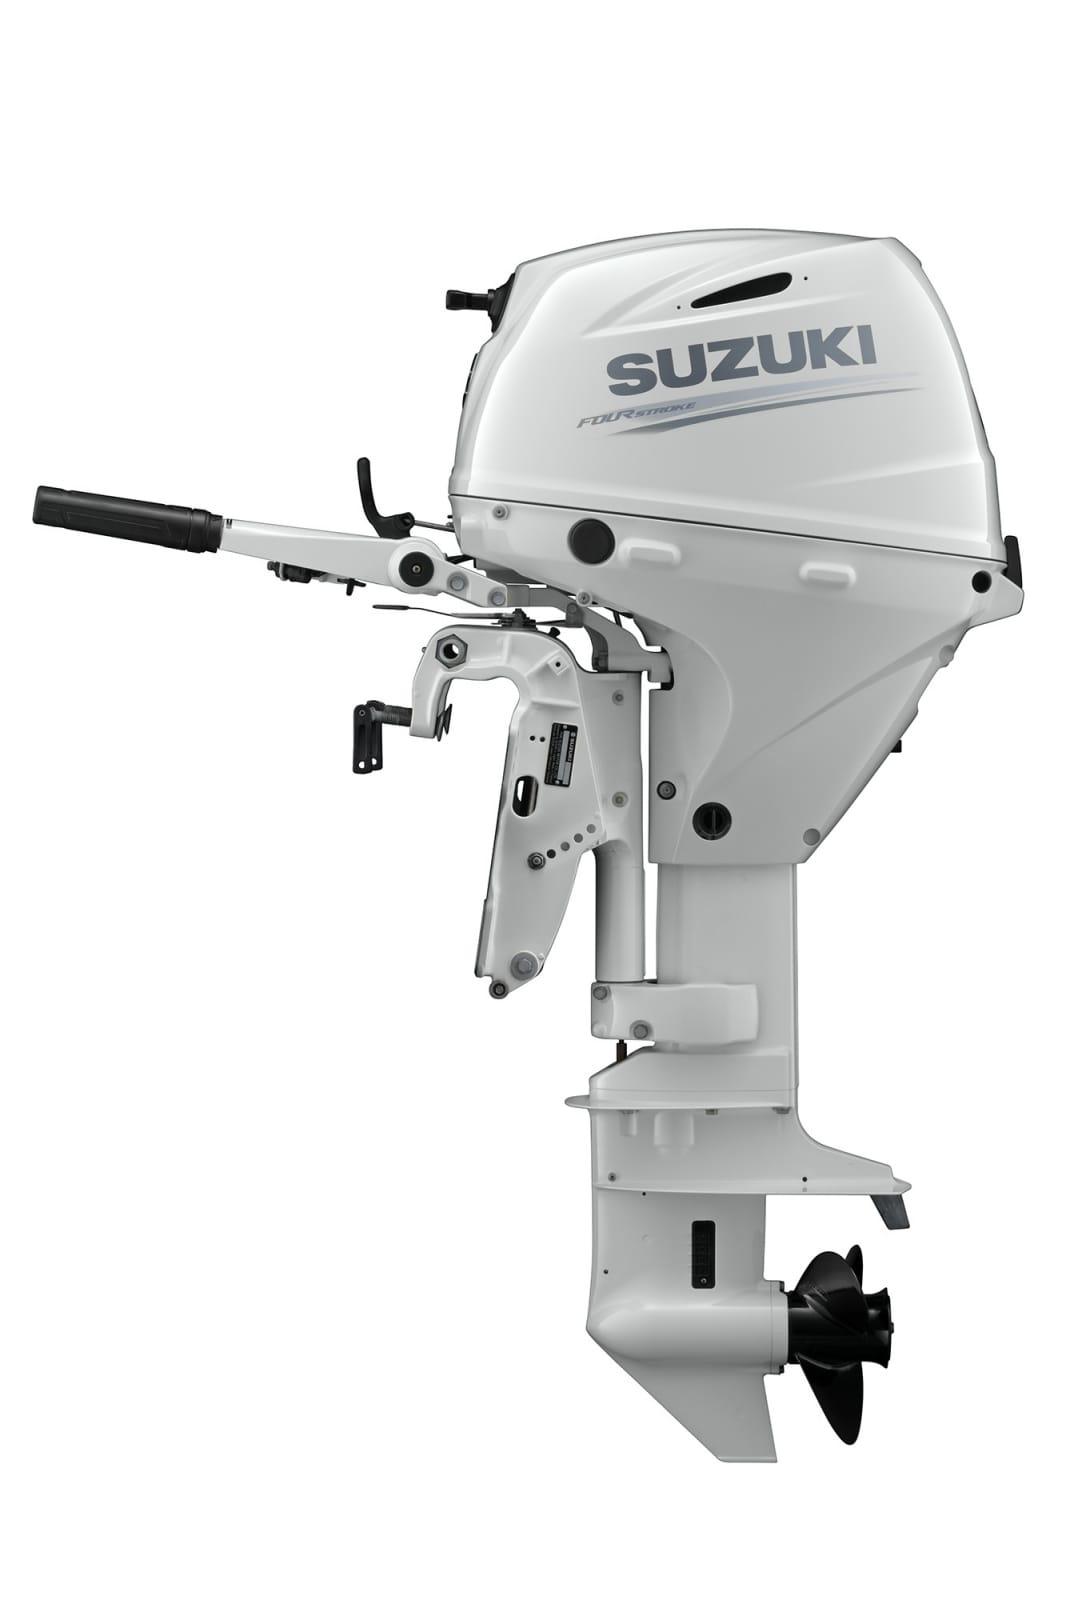 Suzuki Marine Europe